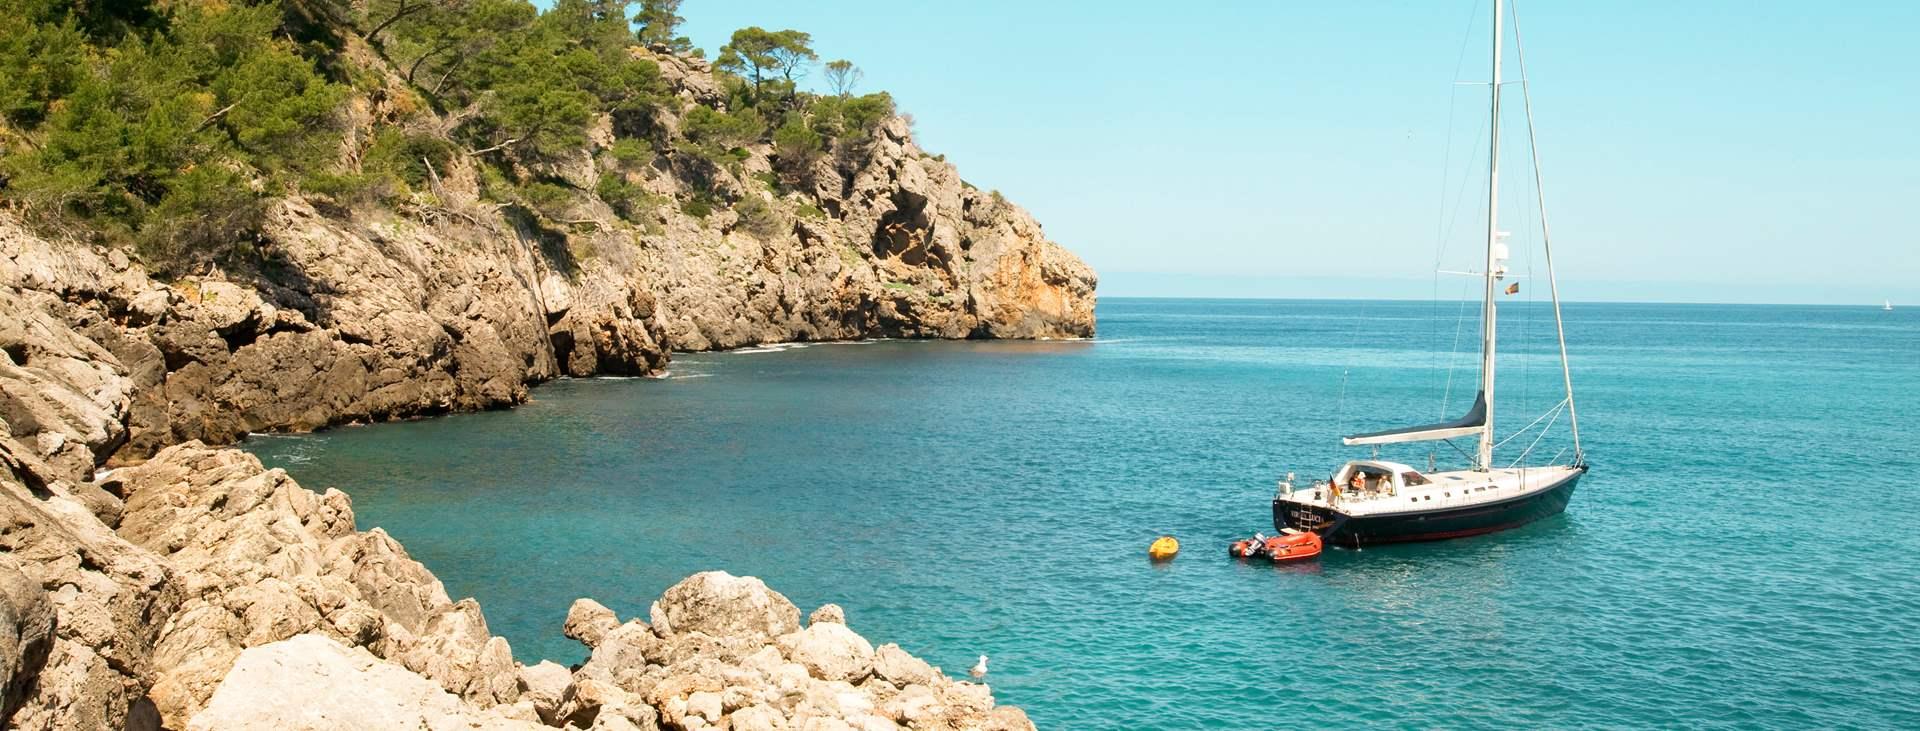 Boka din resa till Deià på Mallorca med Ving